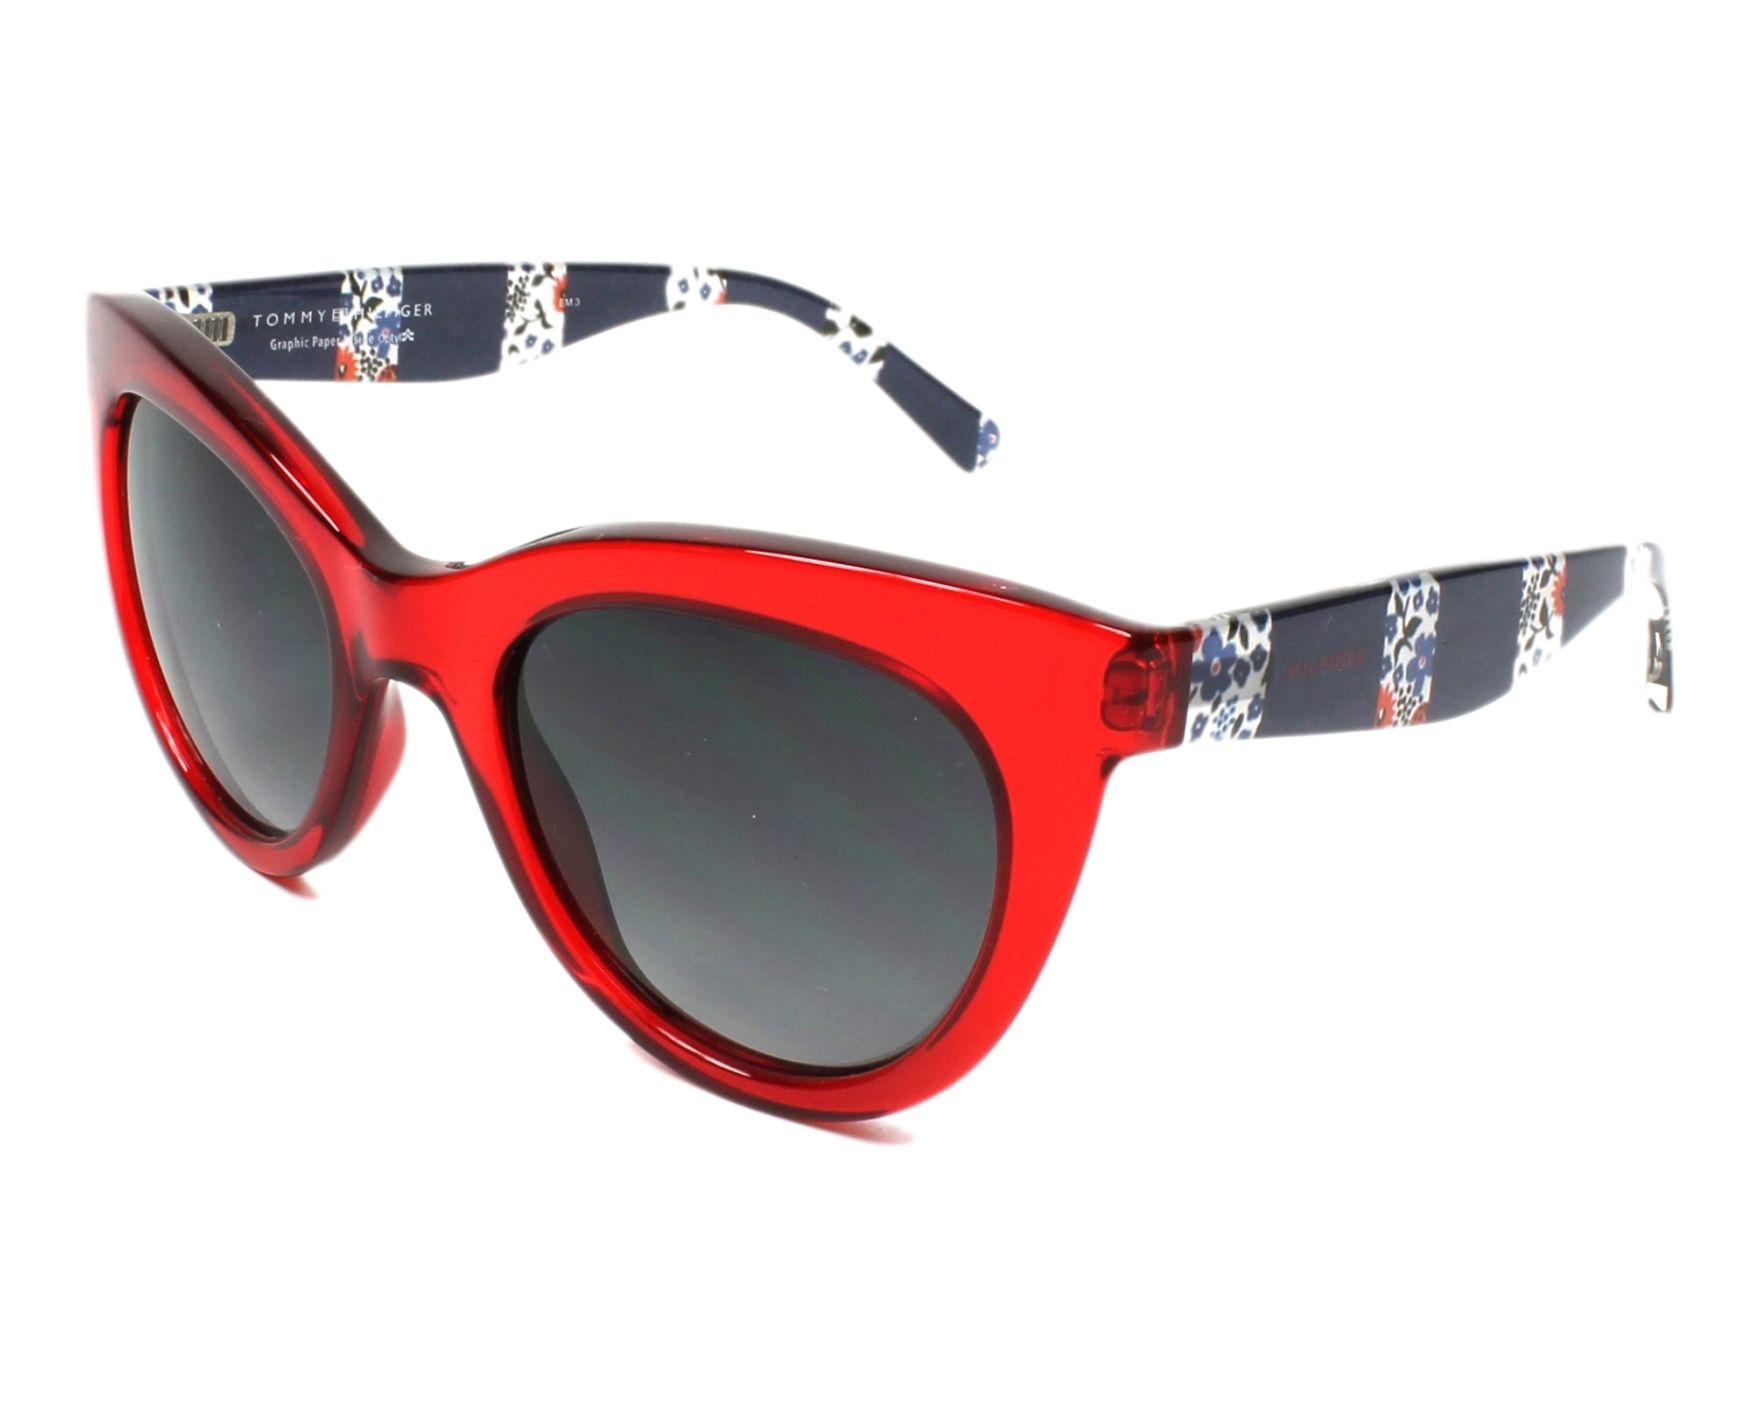 lunettes de soleil tommy hilfiger th 1480 c9a 90 rouge avec des verres gris pour femmes taille. Black Bedroom Furniture Sets. Home Design Ideas